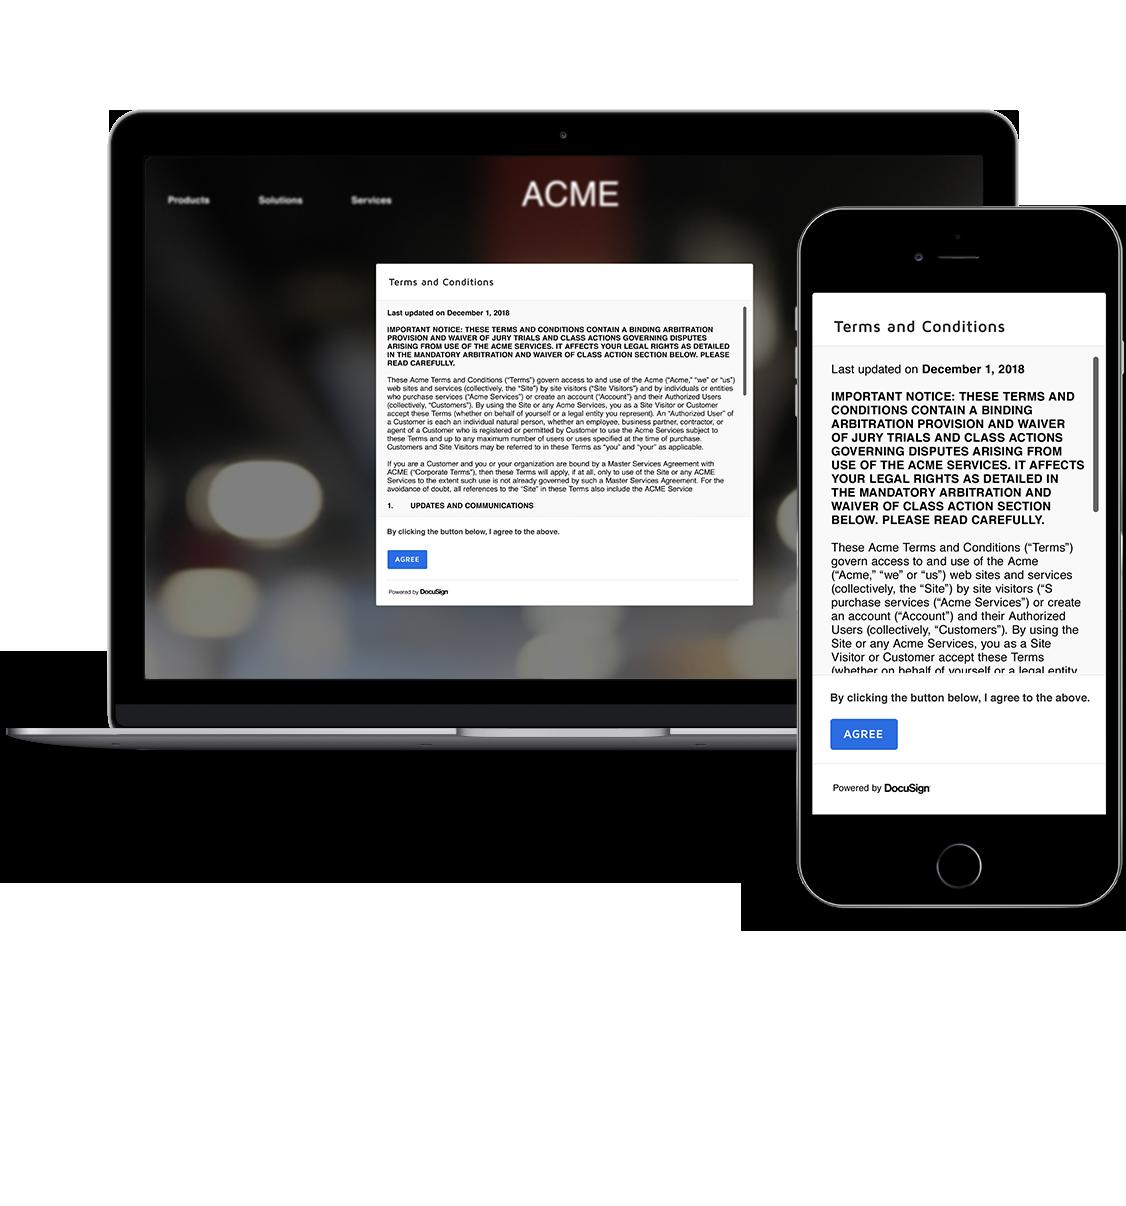 Eine Servicevereinbarung in einem Leuchtkasten in einem Webbrowser.